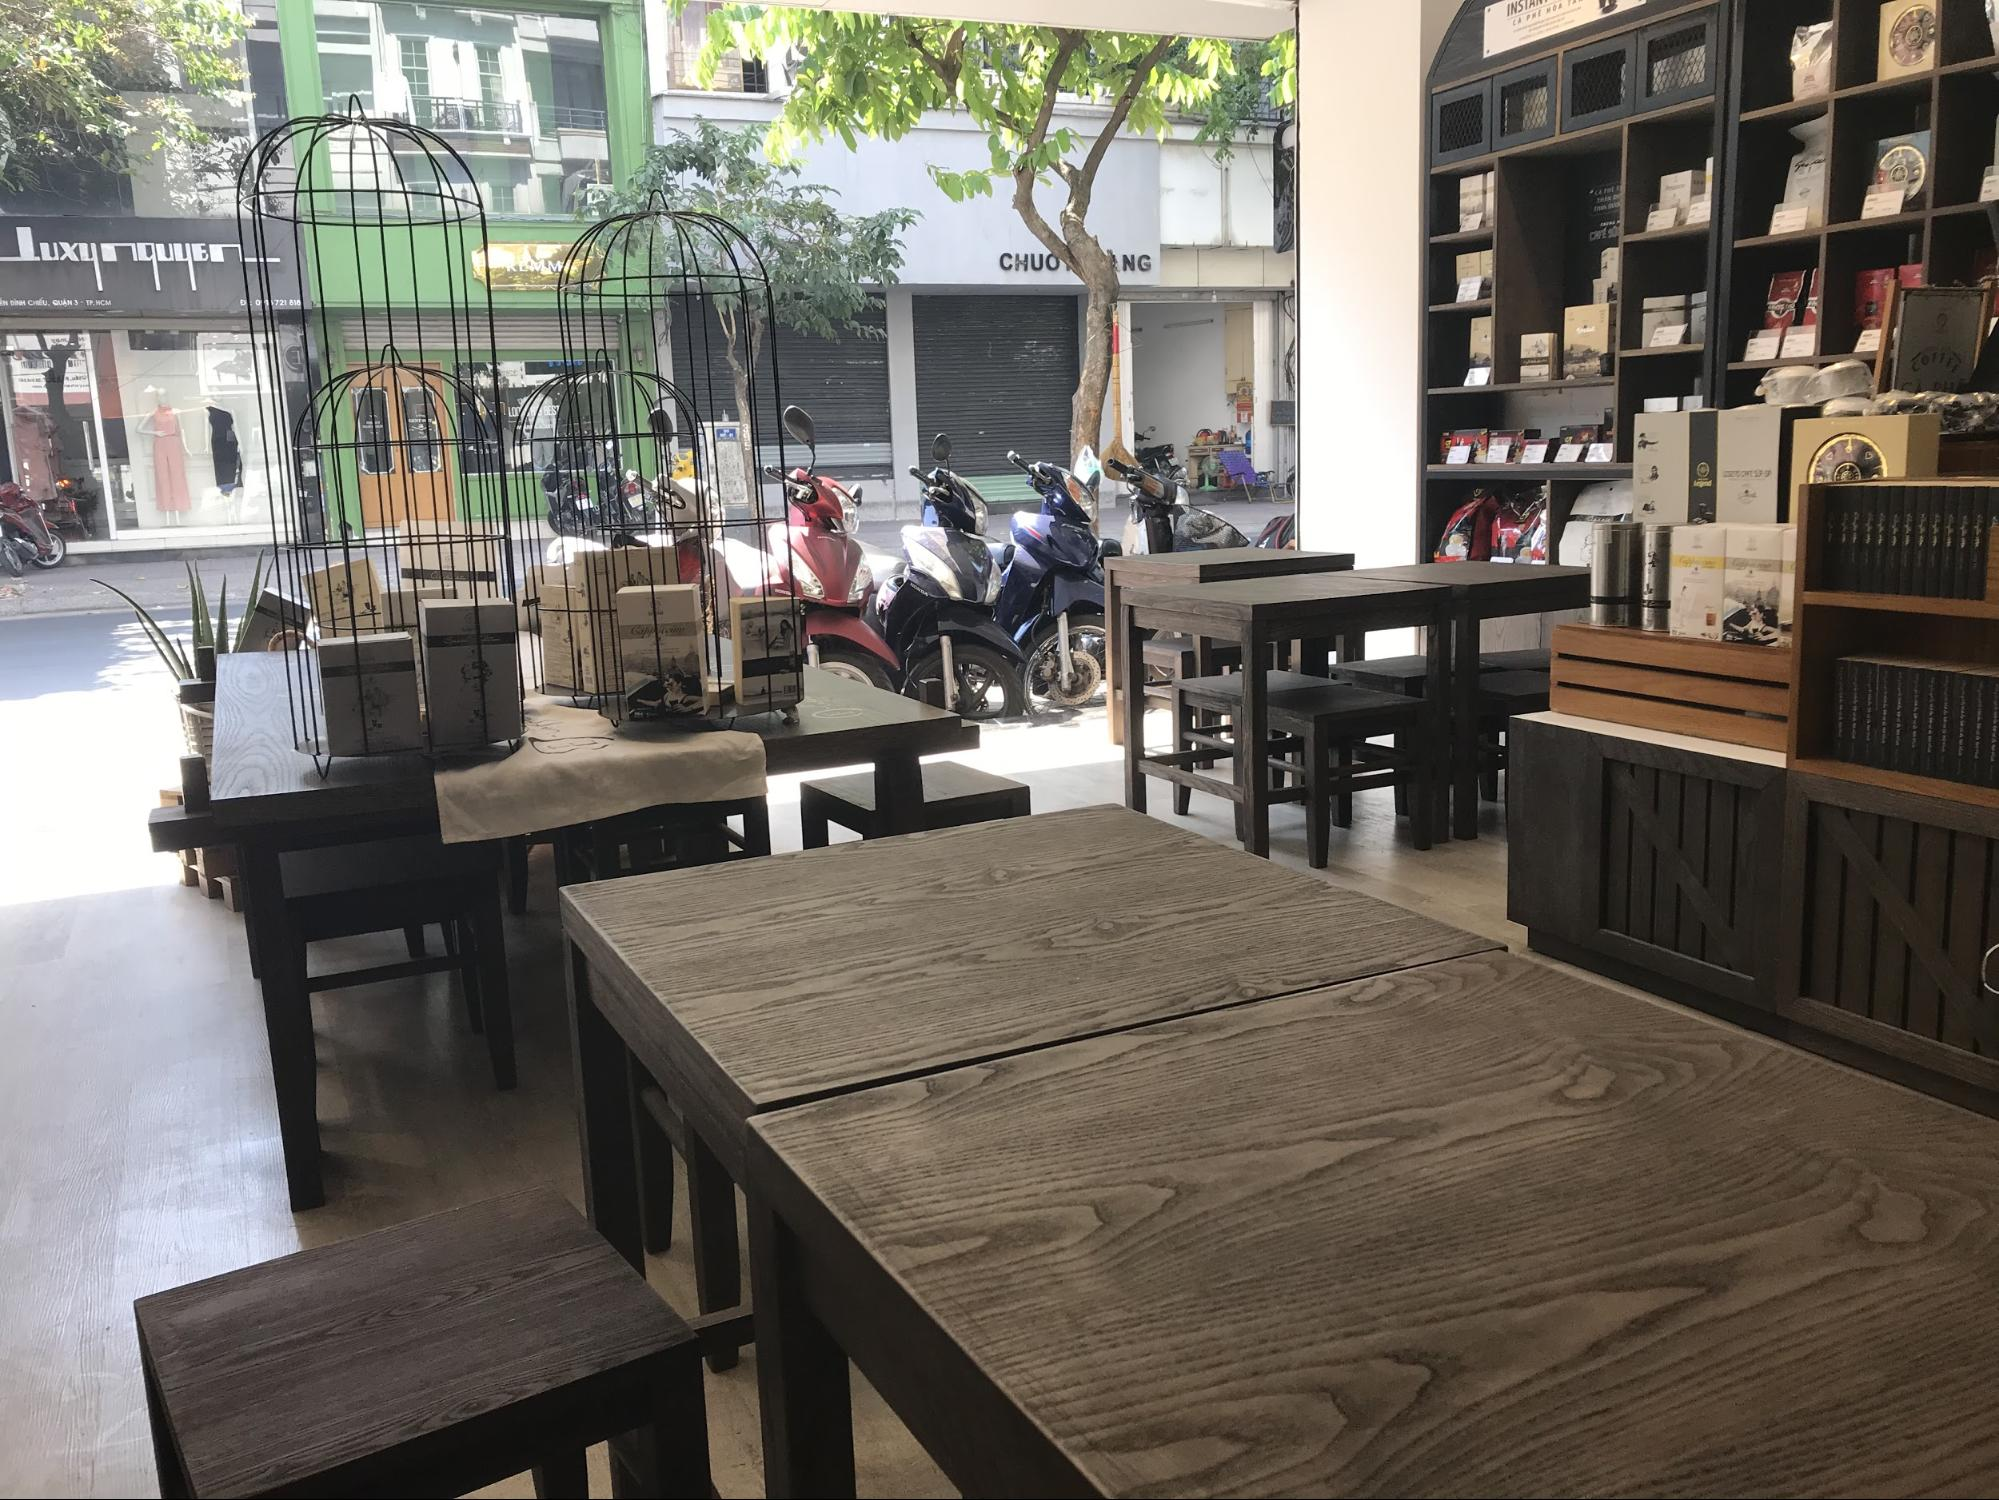 【ホーチミンのカフェ】ベトナムコーヒーを満喫できるおすすめカフェ&文化を現地で体験して紹介!